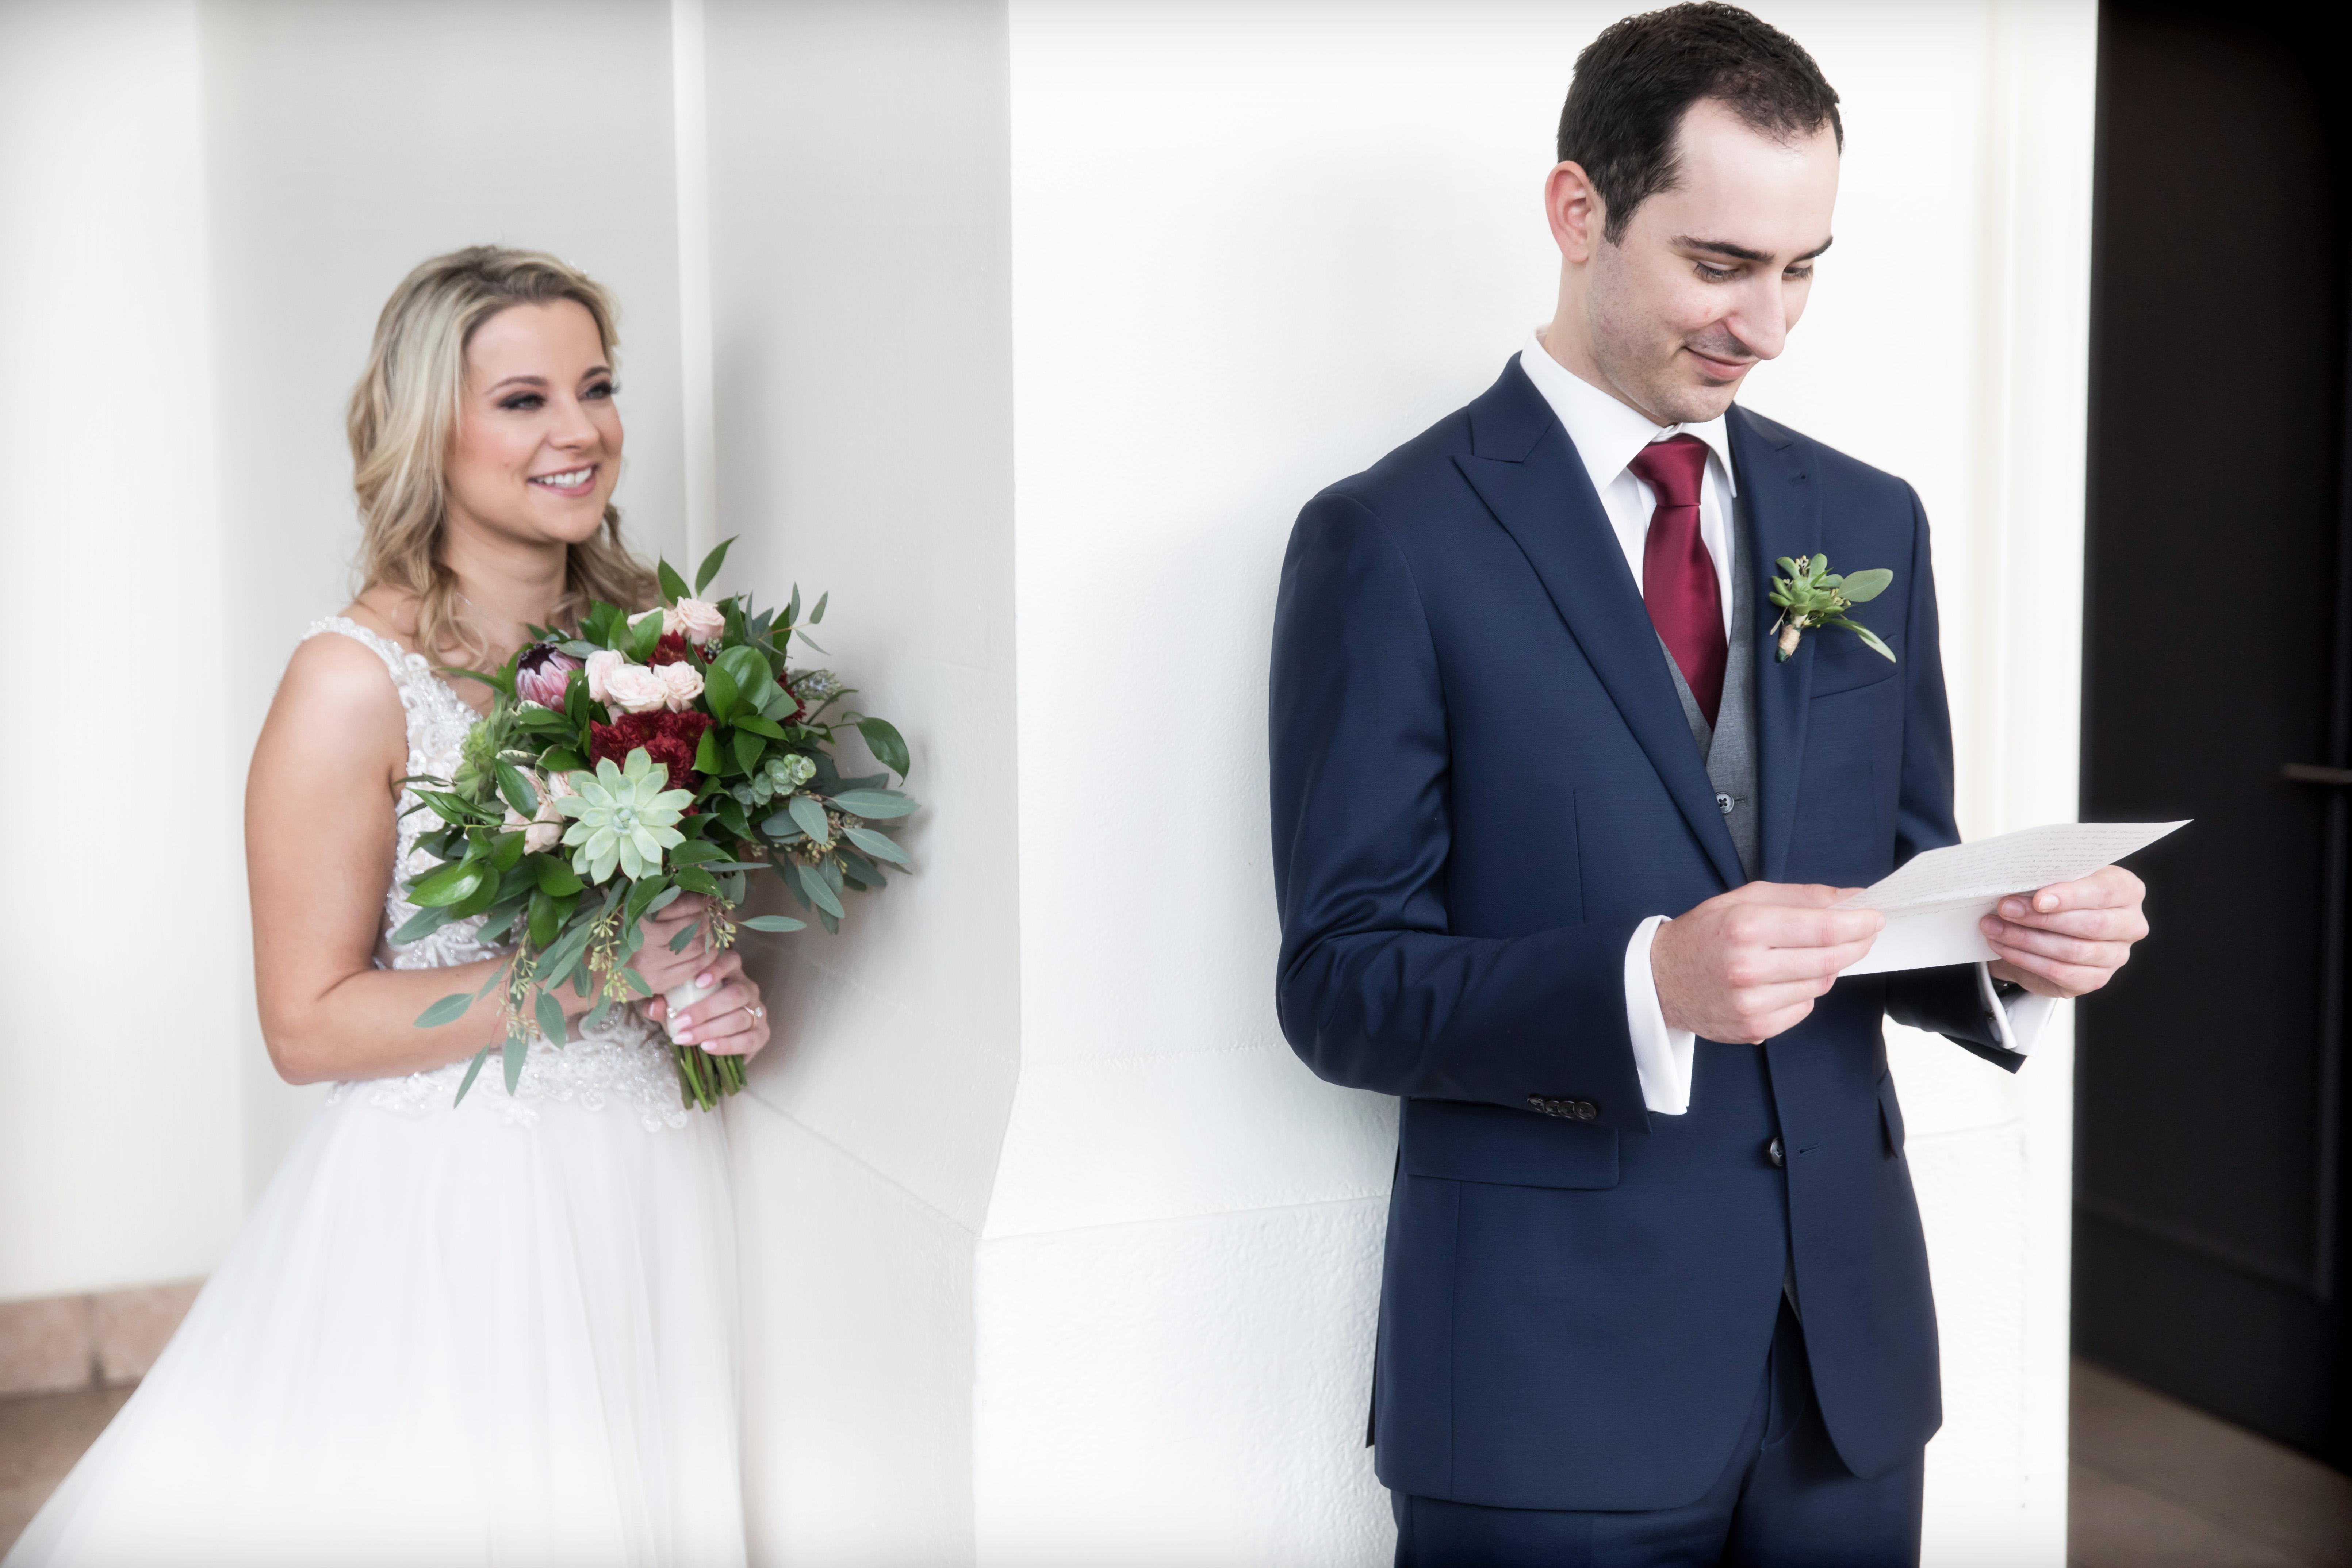 Zoe_And_Zach_Wedding_101